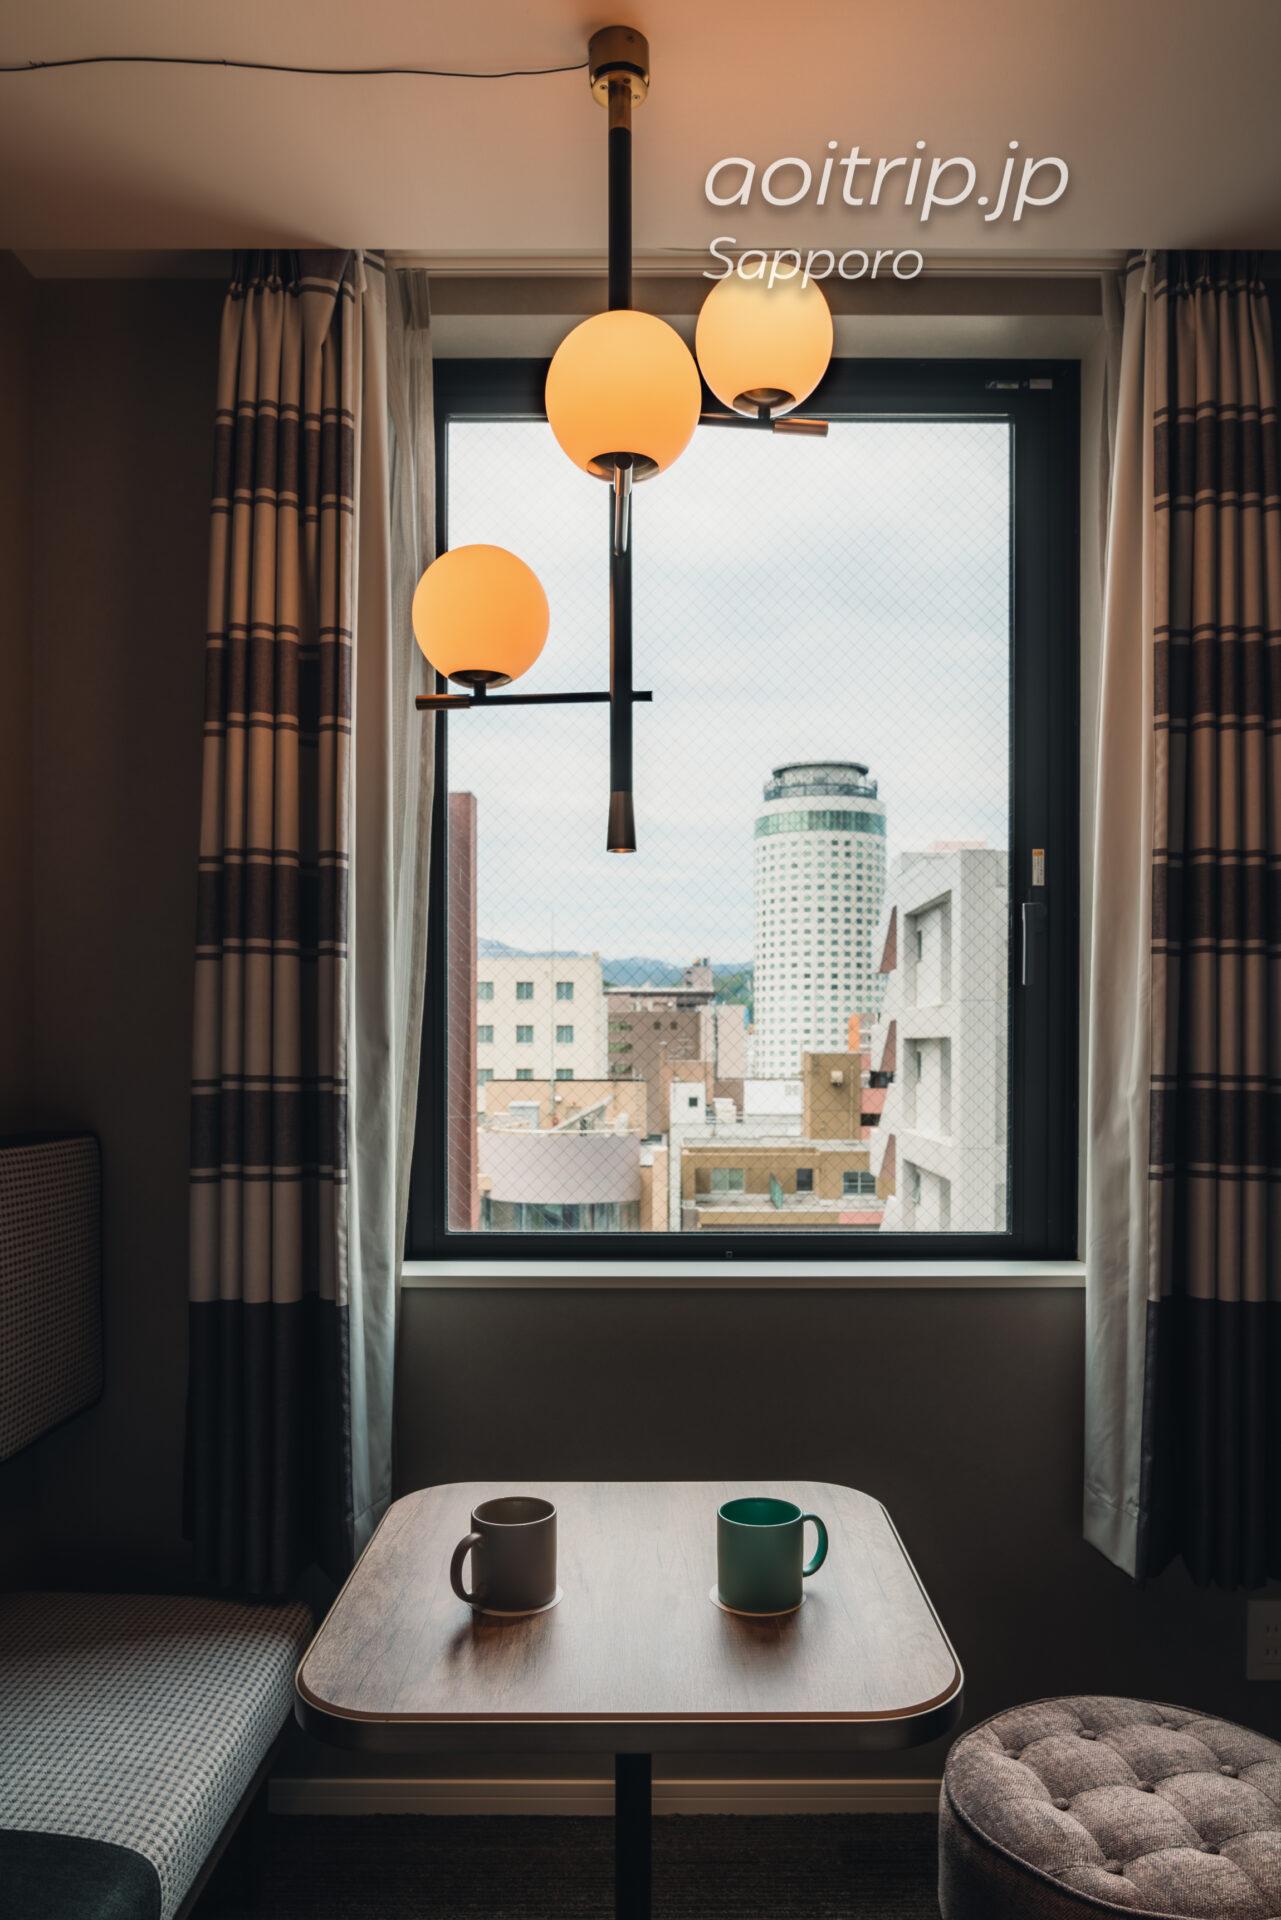 札幌グランベルホテル 宿泊記 Sapporo Granbell Hotel